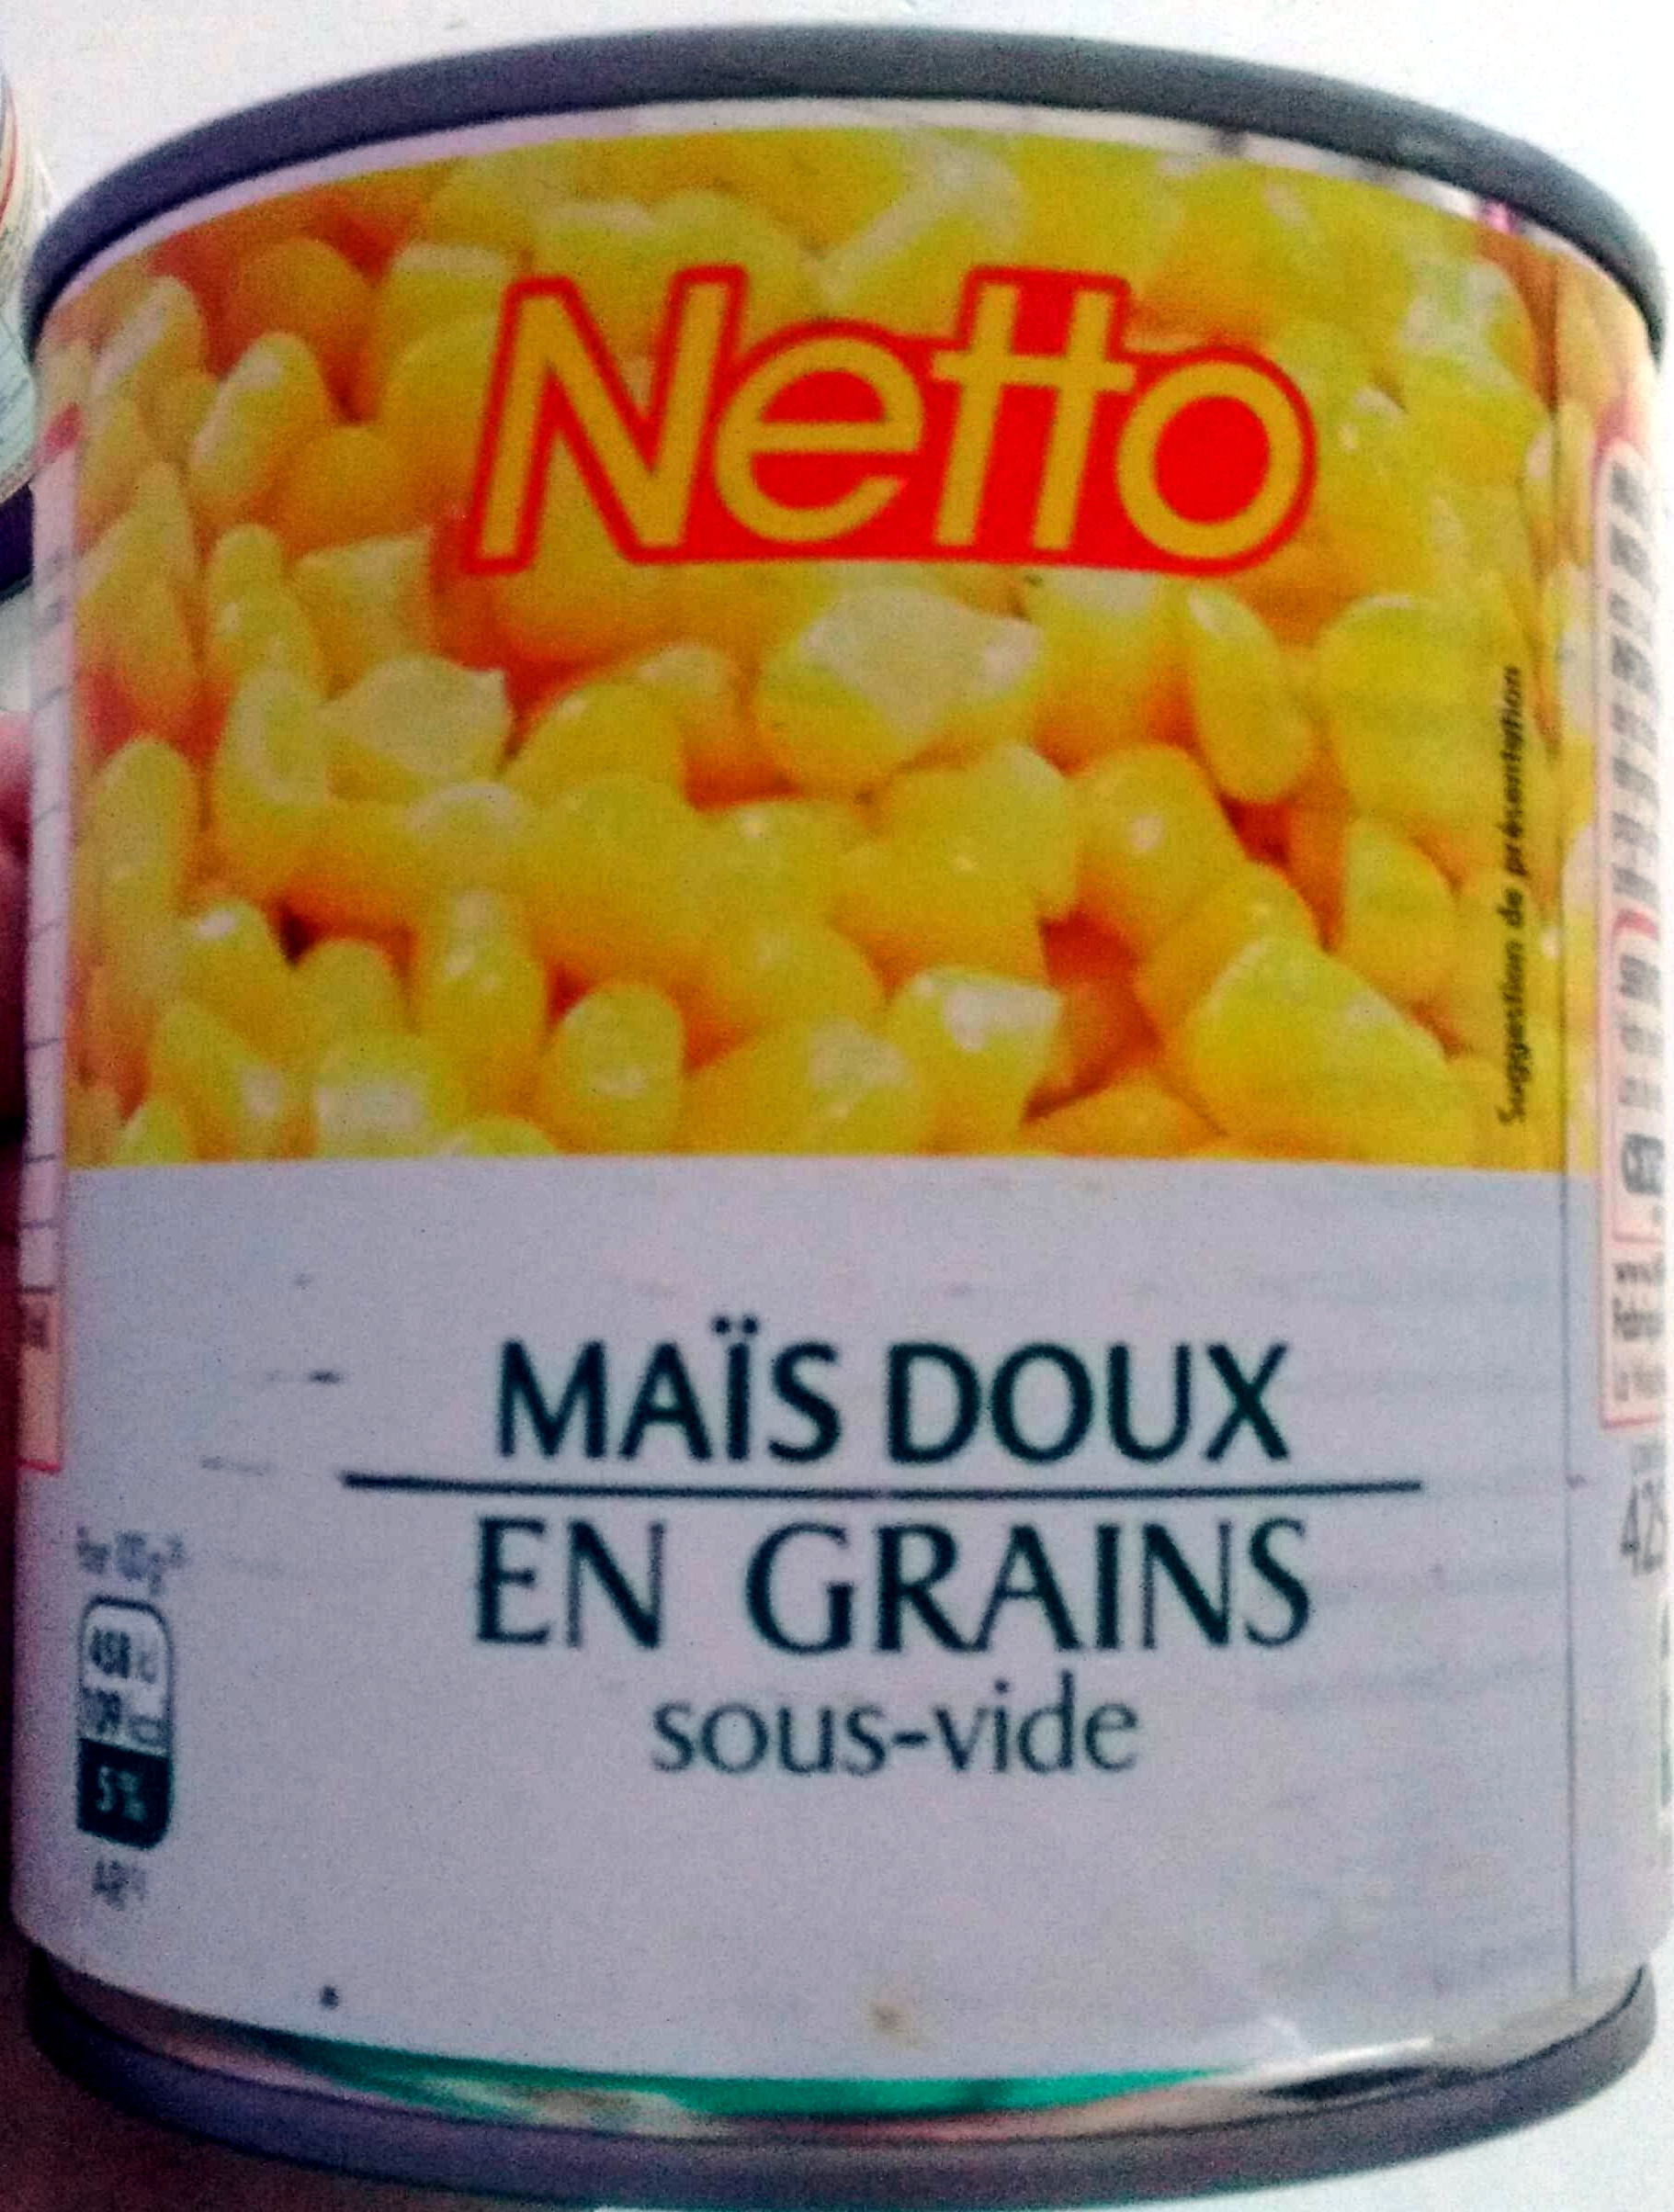 Maïs doux en grains sous-vide - Product - fr